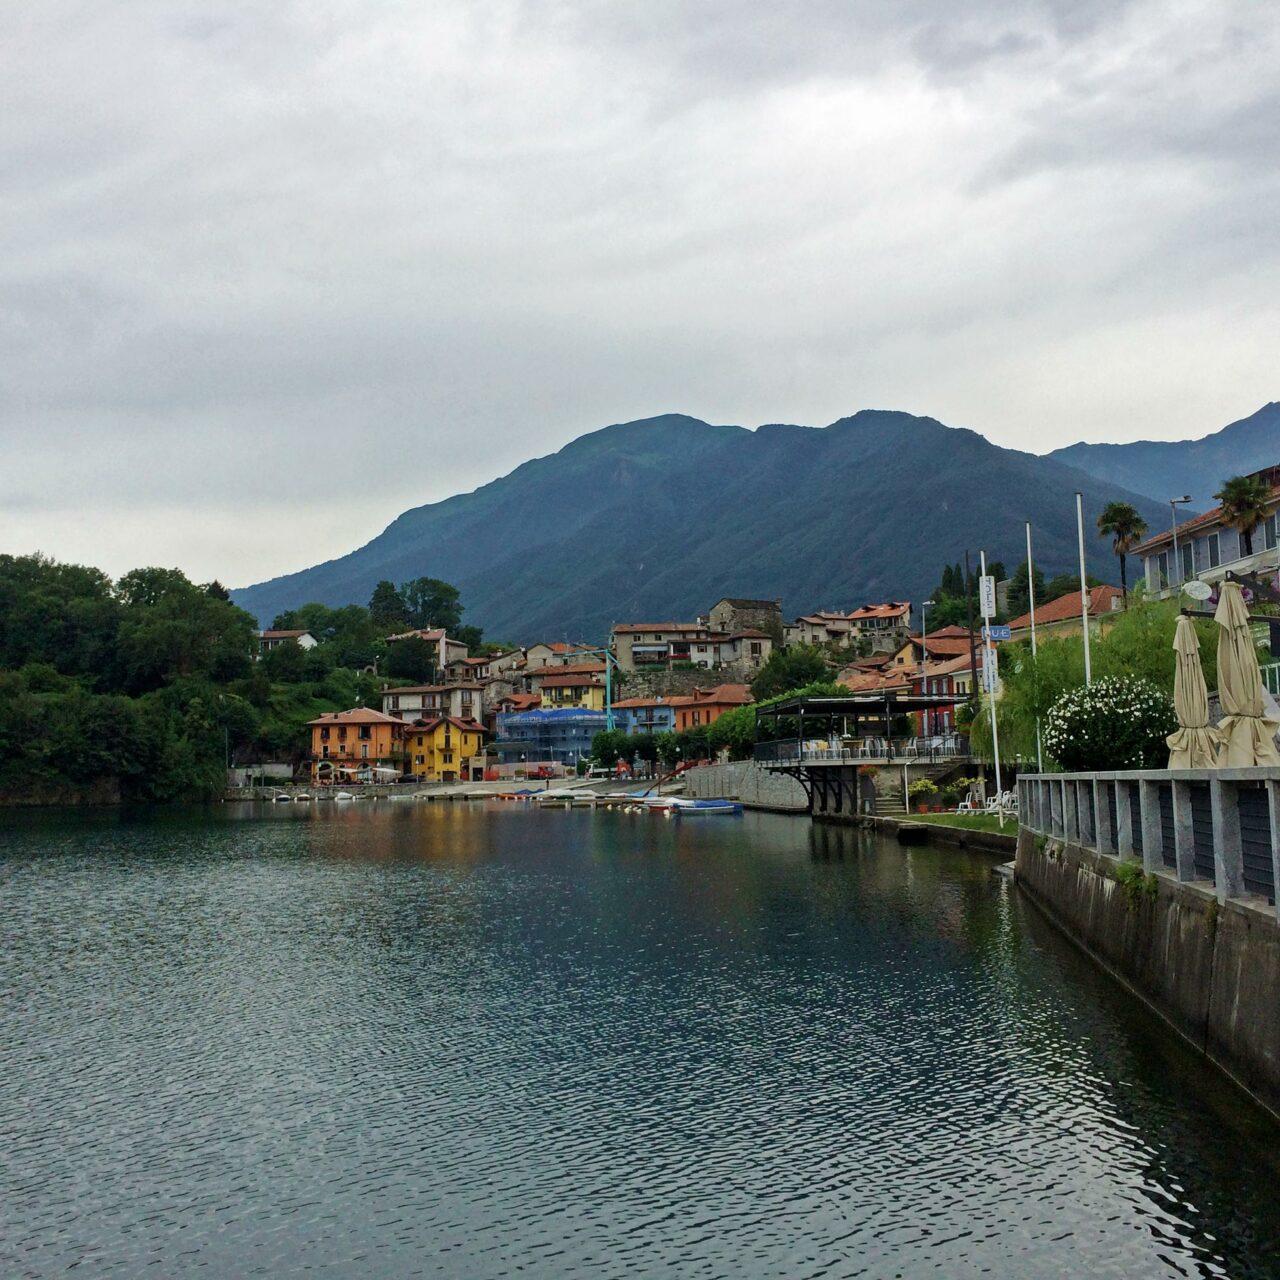 Das Städtchen Mergozzo, direkt am gleichnamigen See gelegen unweit des Lago Maggiore